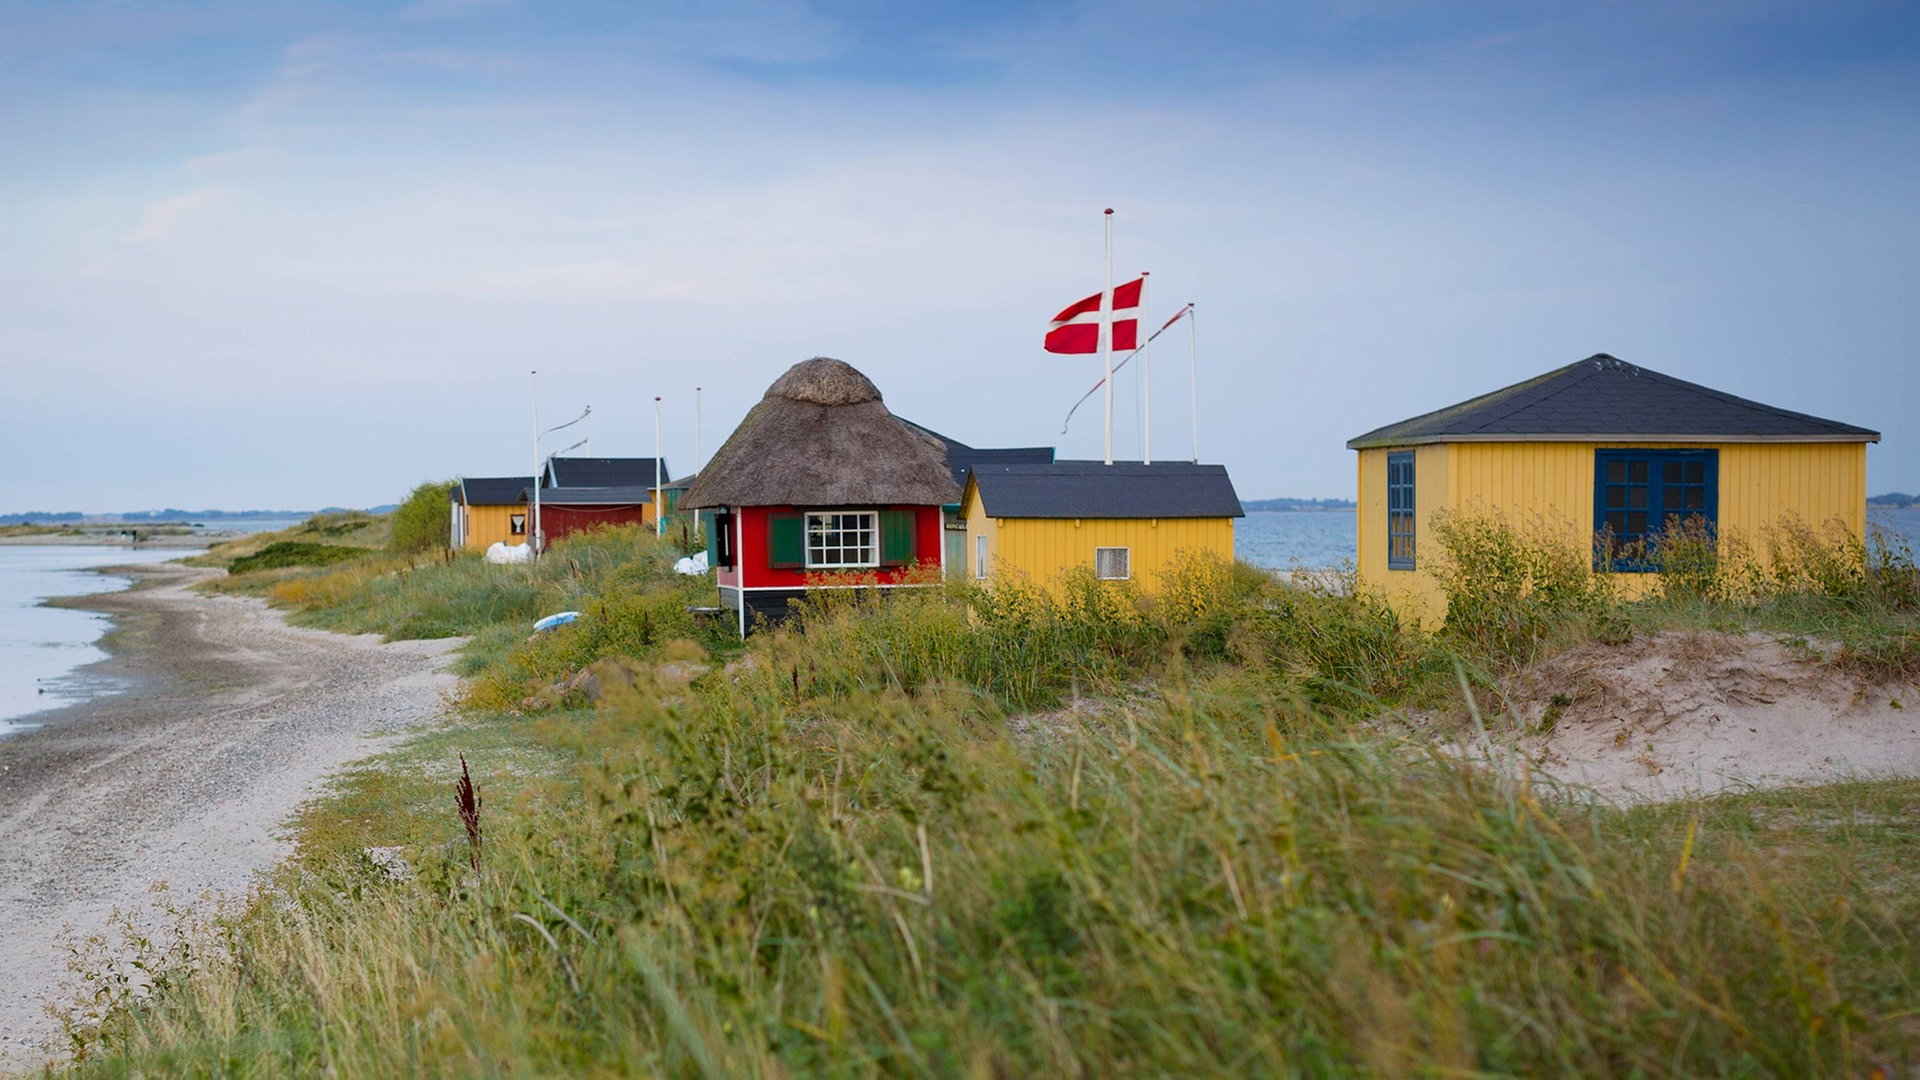 Corona: Dänemark öffnet Grenze für deutsche Touristen ab 8. Juni